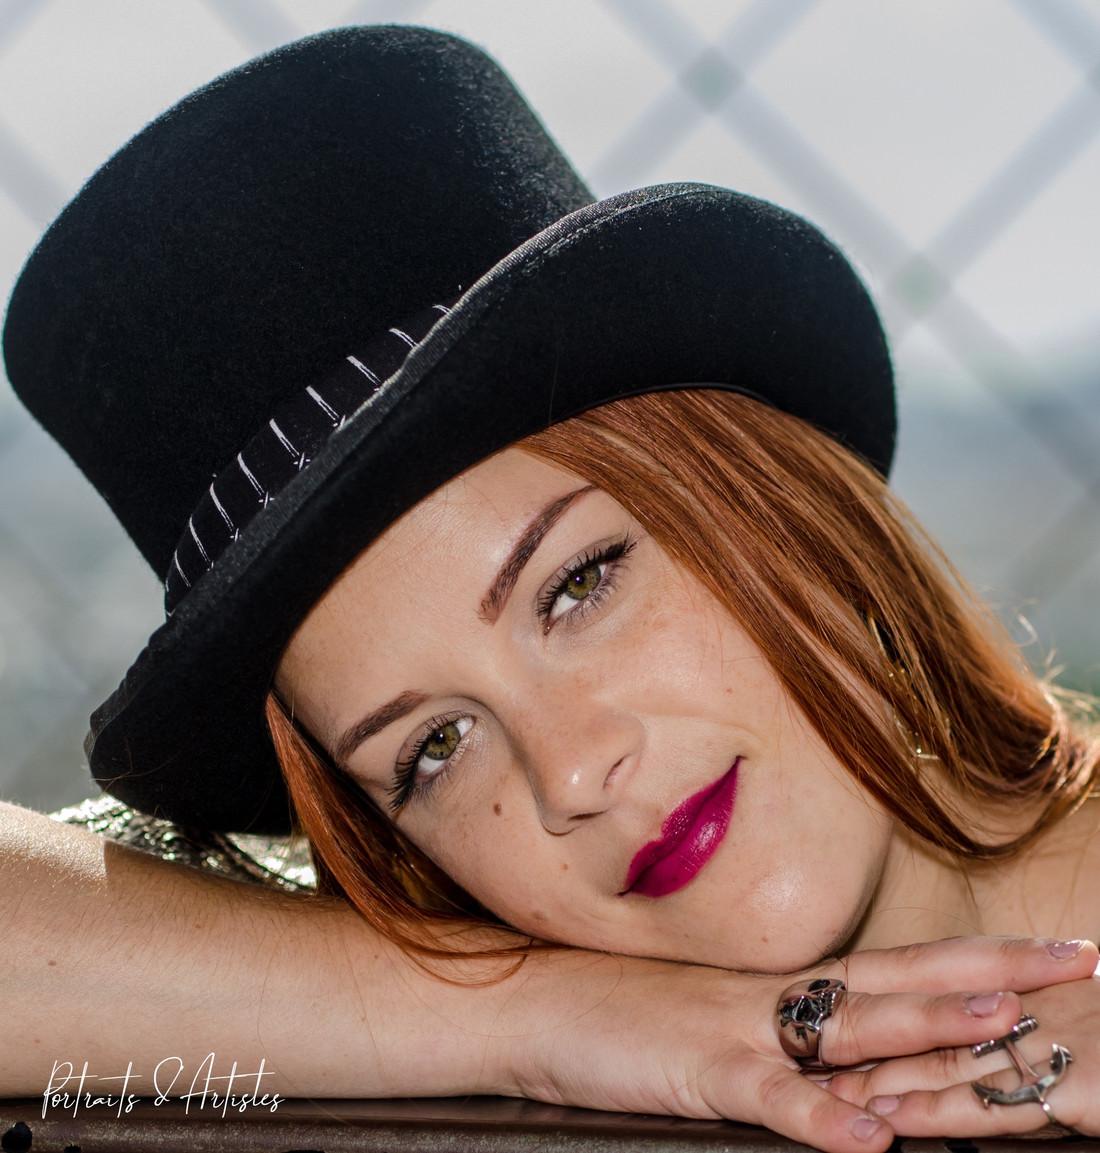 Jennifer Perkins